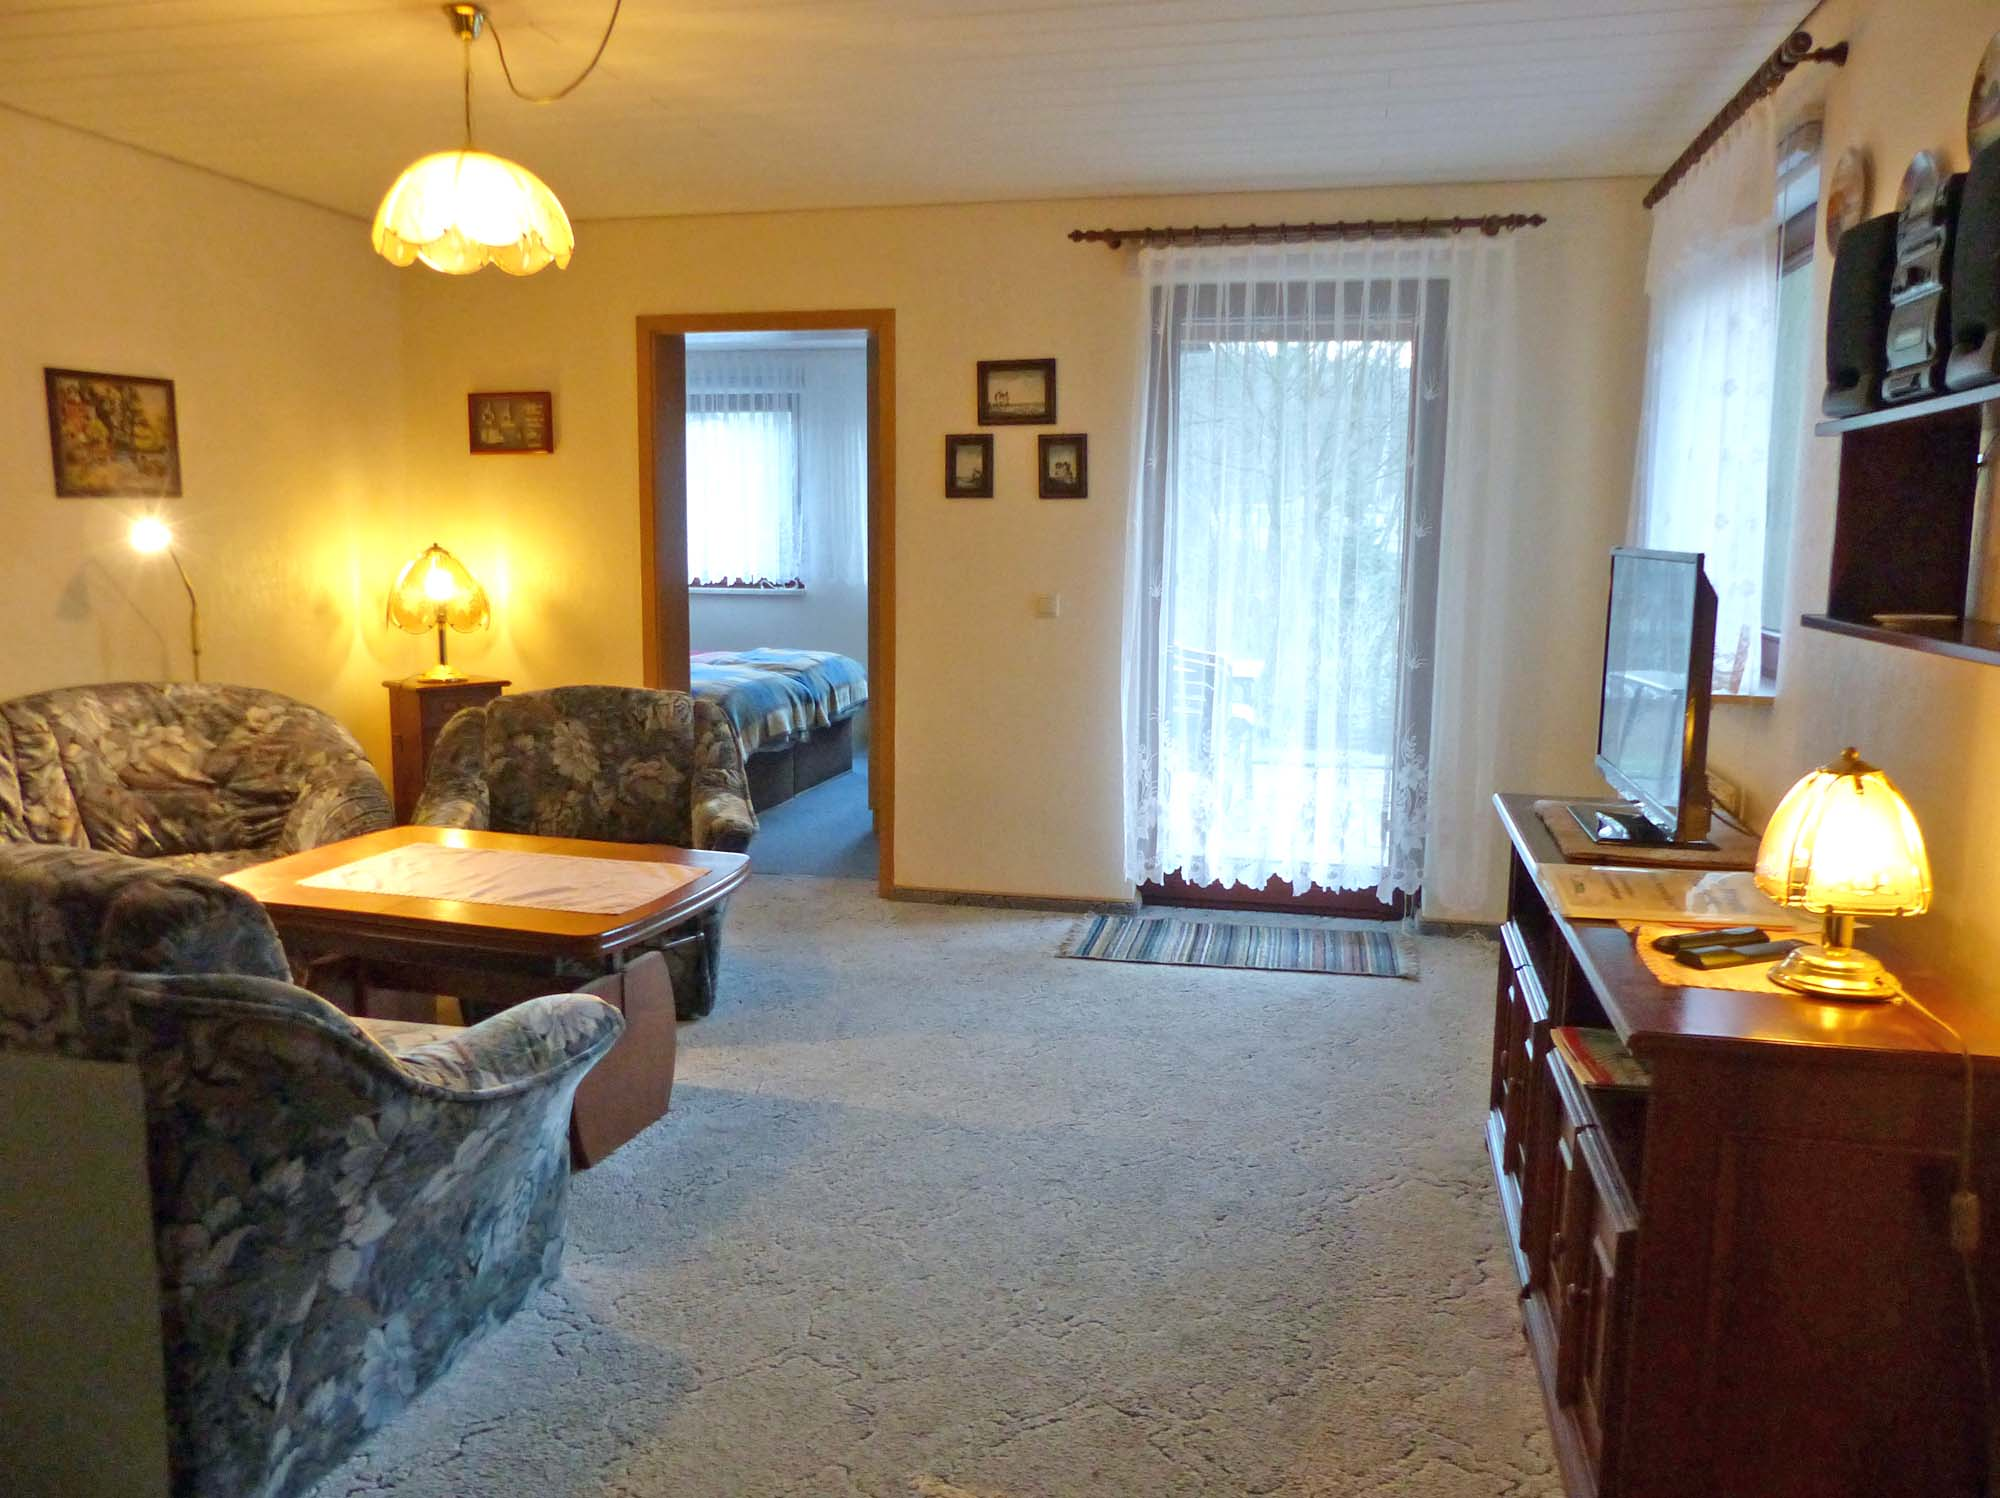 ferienwohnung 3 f r 2 4 personen haus anneliese in osterzgebirge. Black Bedroom Furniture Sets. Home Design Ideas